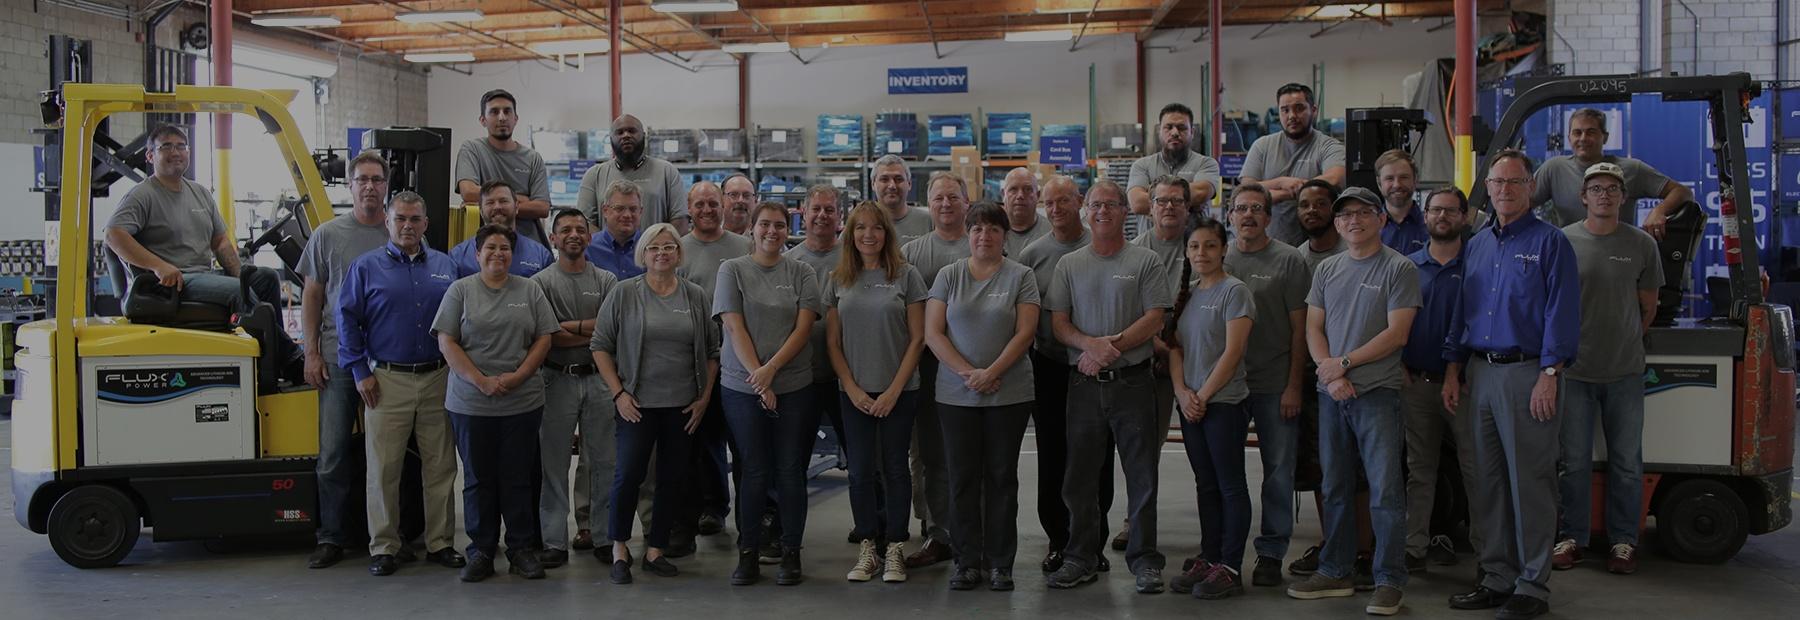 flux-employees